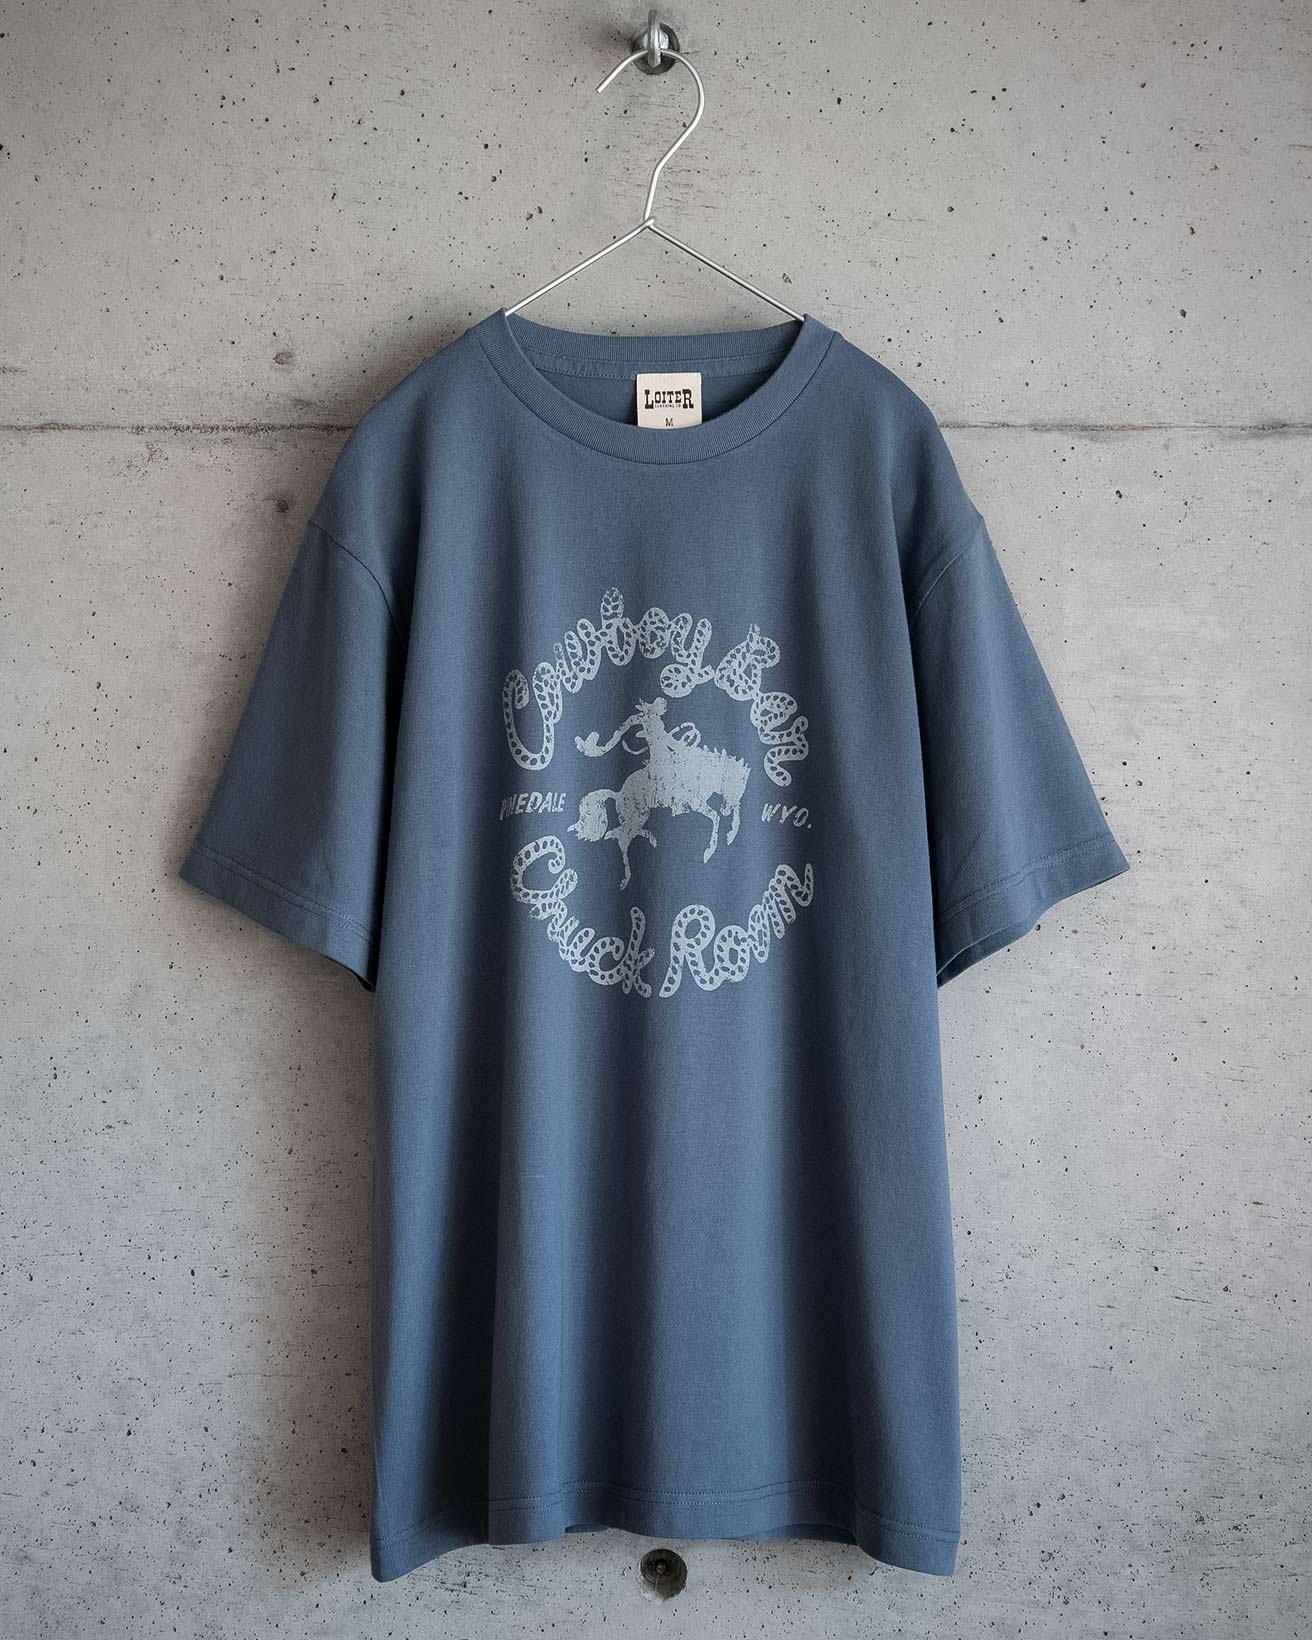 ロイターのアメカジ CHUCK ROOM Tシャツ